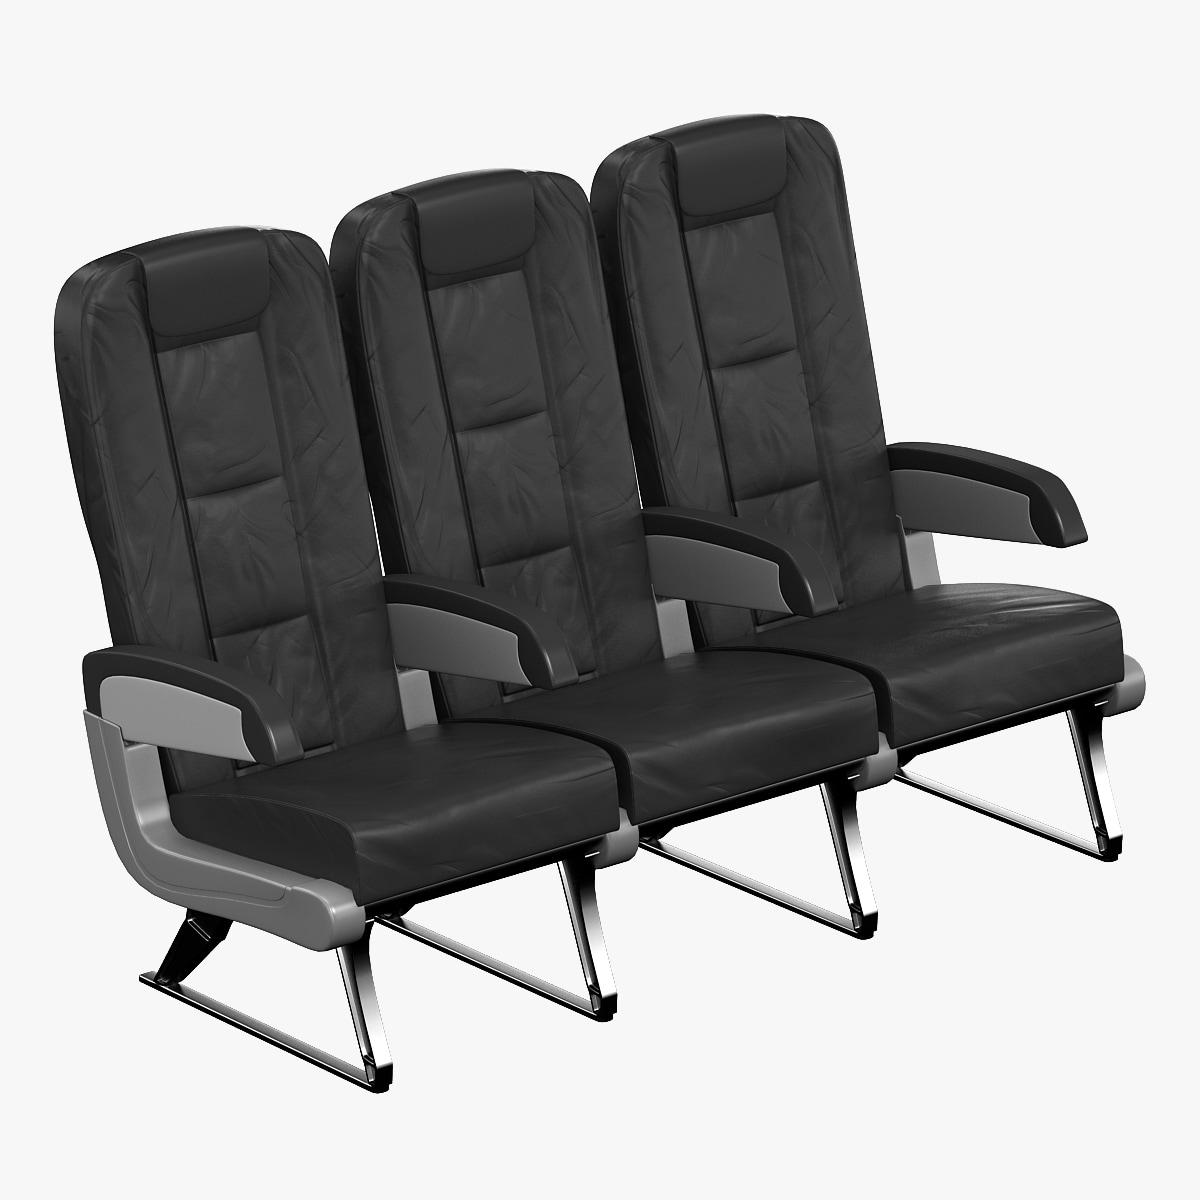 Aircraft_Passenger_Seats_000.jpg